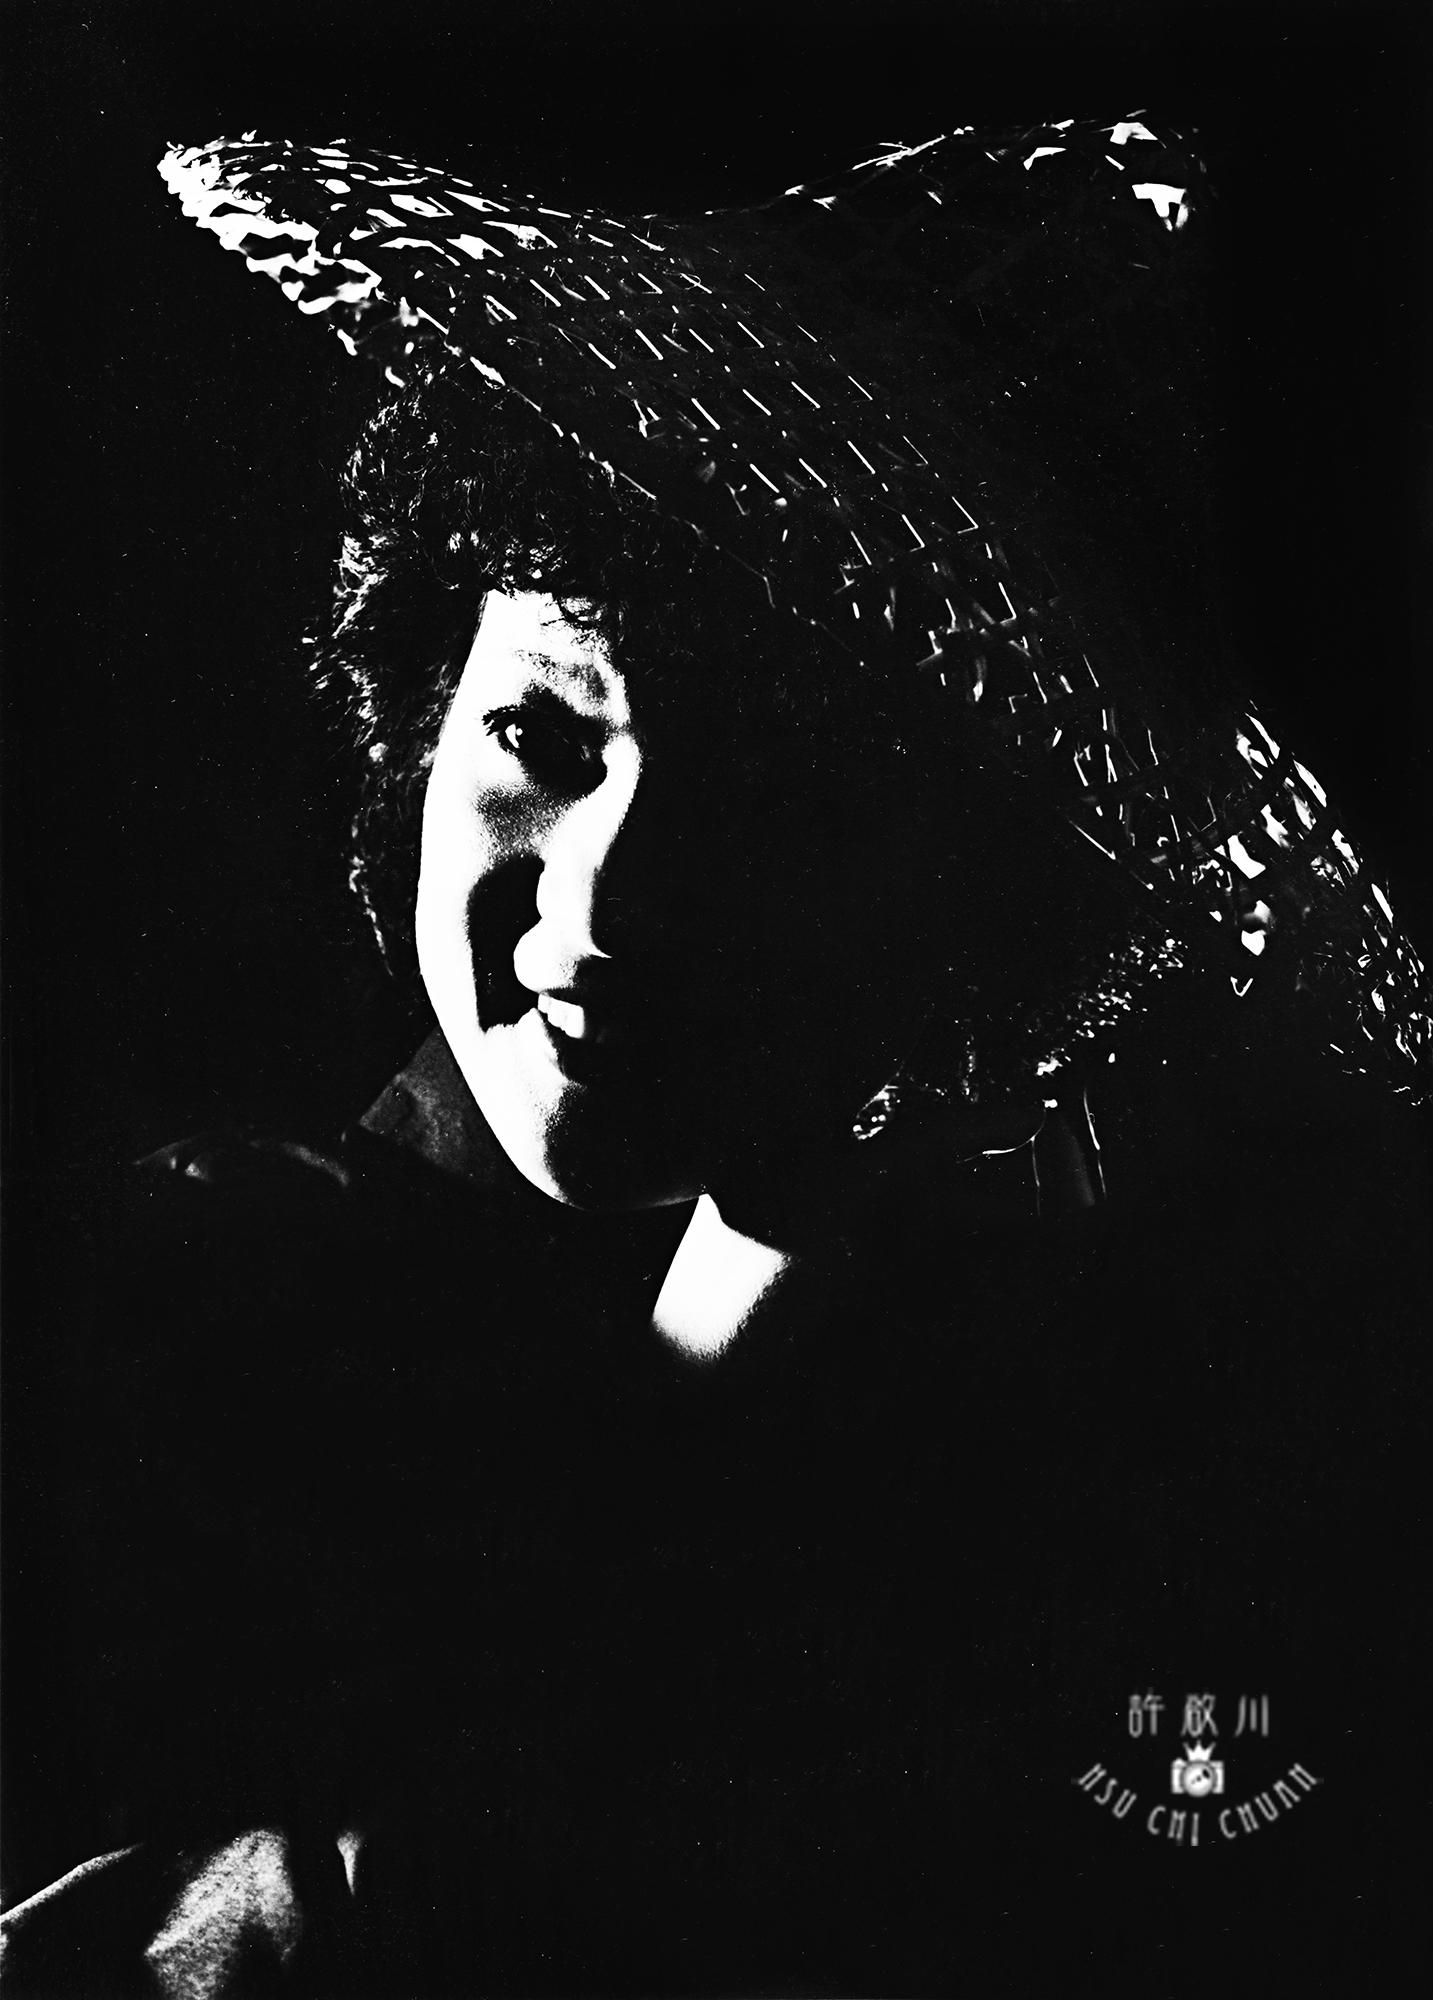 1985 苗栗全國攝影比賽 黑白照片組 銅牌獎